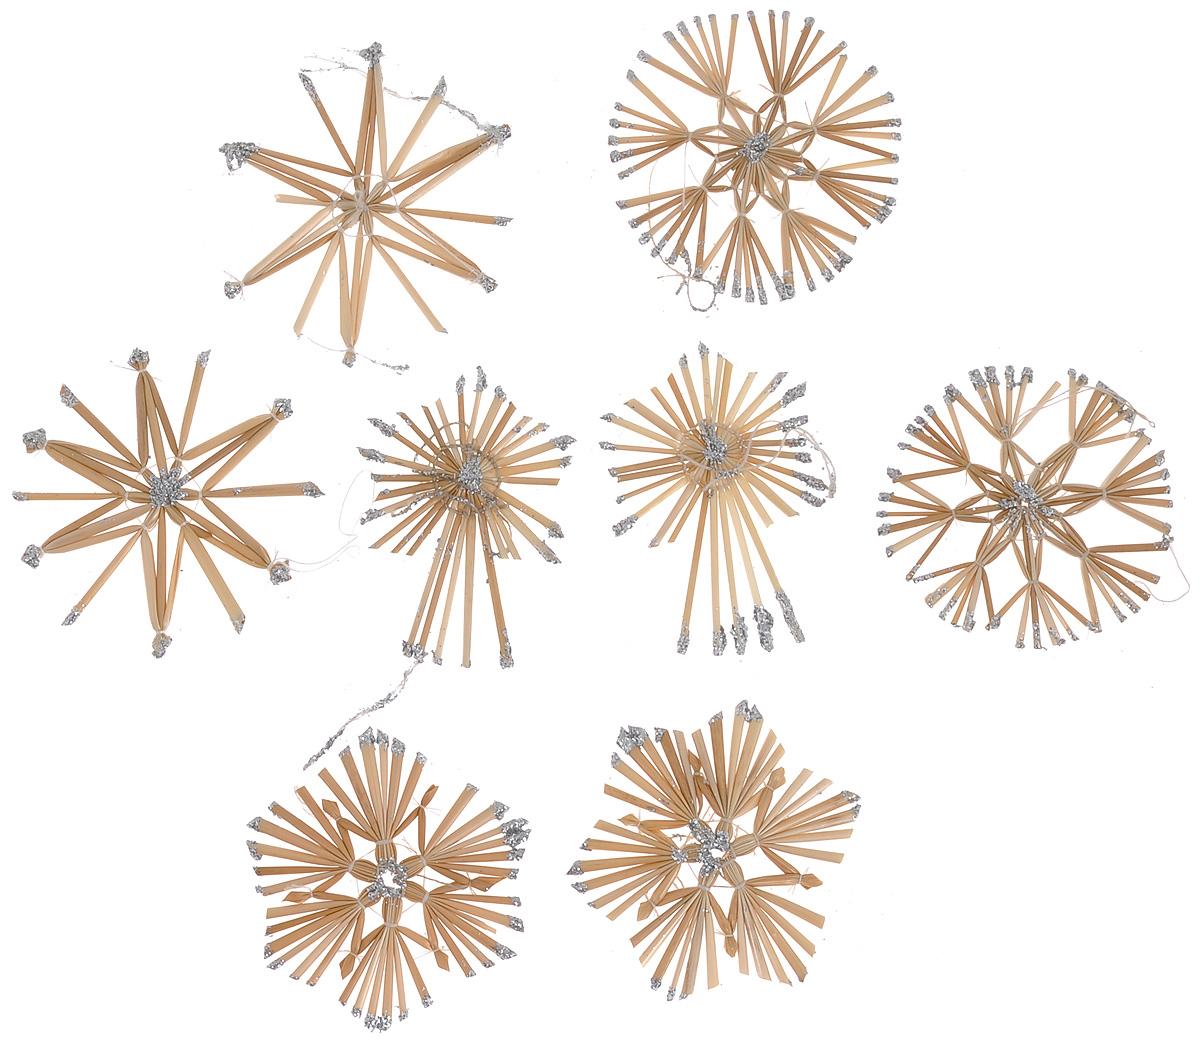 Набор новогодних подвесных украшений Феникс-презент Magic Time, цвет: серебряный, светло-коричневый, 8 шт38197Набор Феникс-презент Magic Time, состоящий из 8 новогодних подвесныхукрашений, отлично подойдет для декорации вашего дома и новогодней ели. Изделия выполнены из соломы в виде снежинок и звезд, оформленных блестками. Украшения имеют специальные петельки для подвешивания. Коллекция декоративных украшений Феникс-презент Magic Time принесет вваш дом ни с чем не сравнимое ощущение праздника!Средний размер украшения: 8,5 см х 8,5 см.